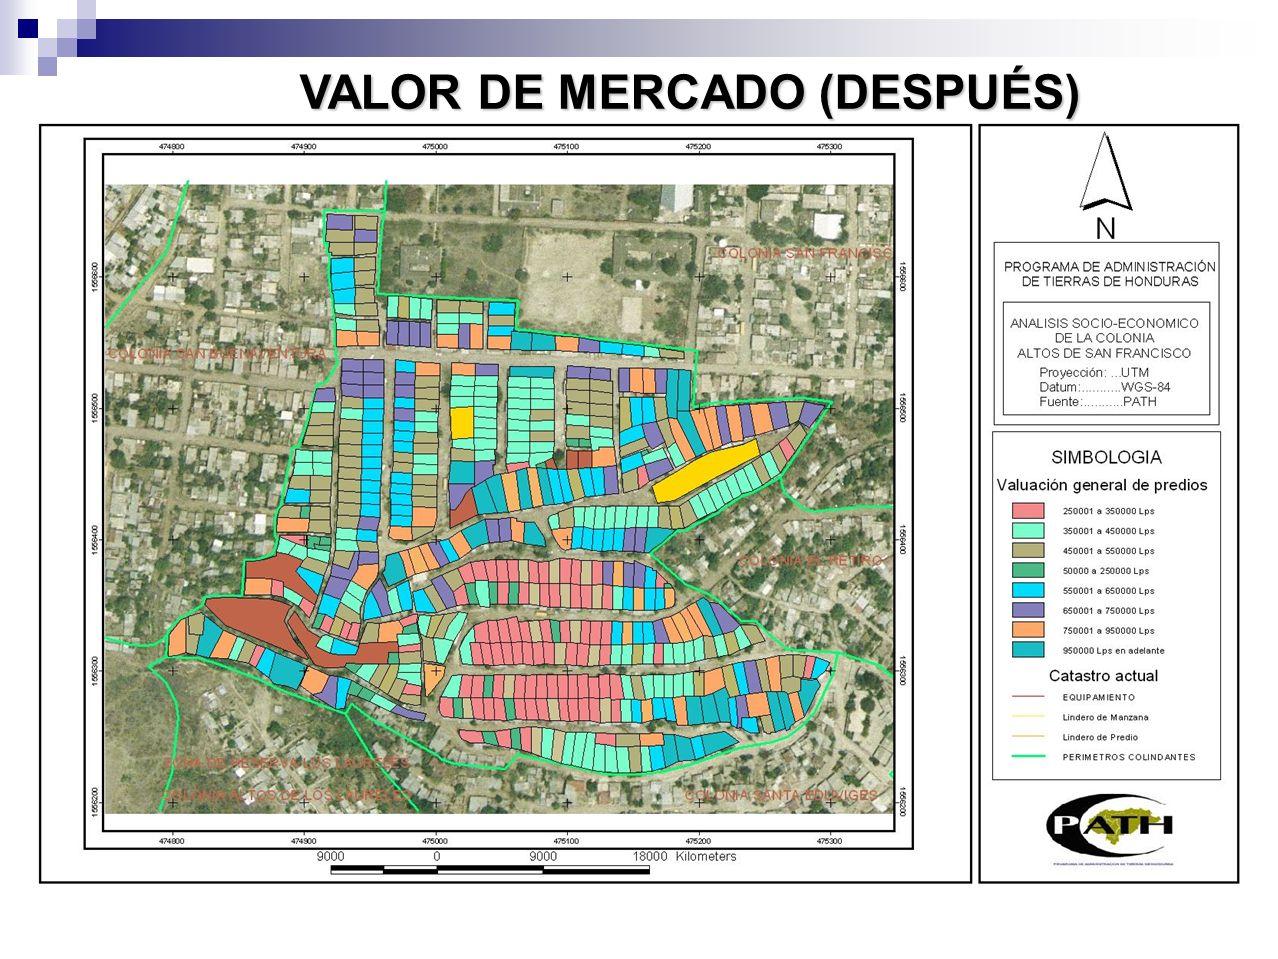 VALOR DE MERCADO (DESPUÉS)